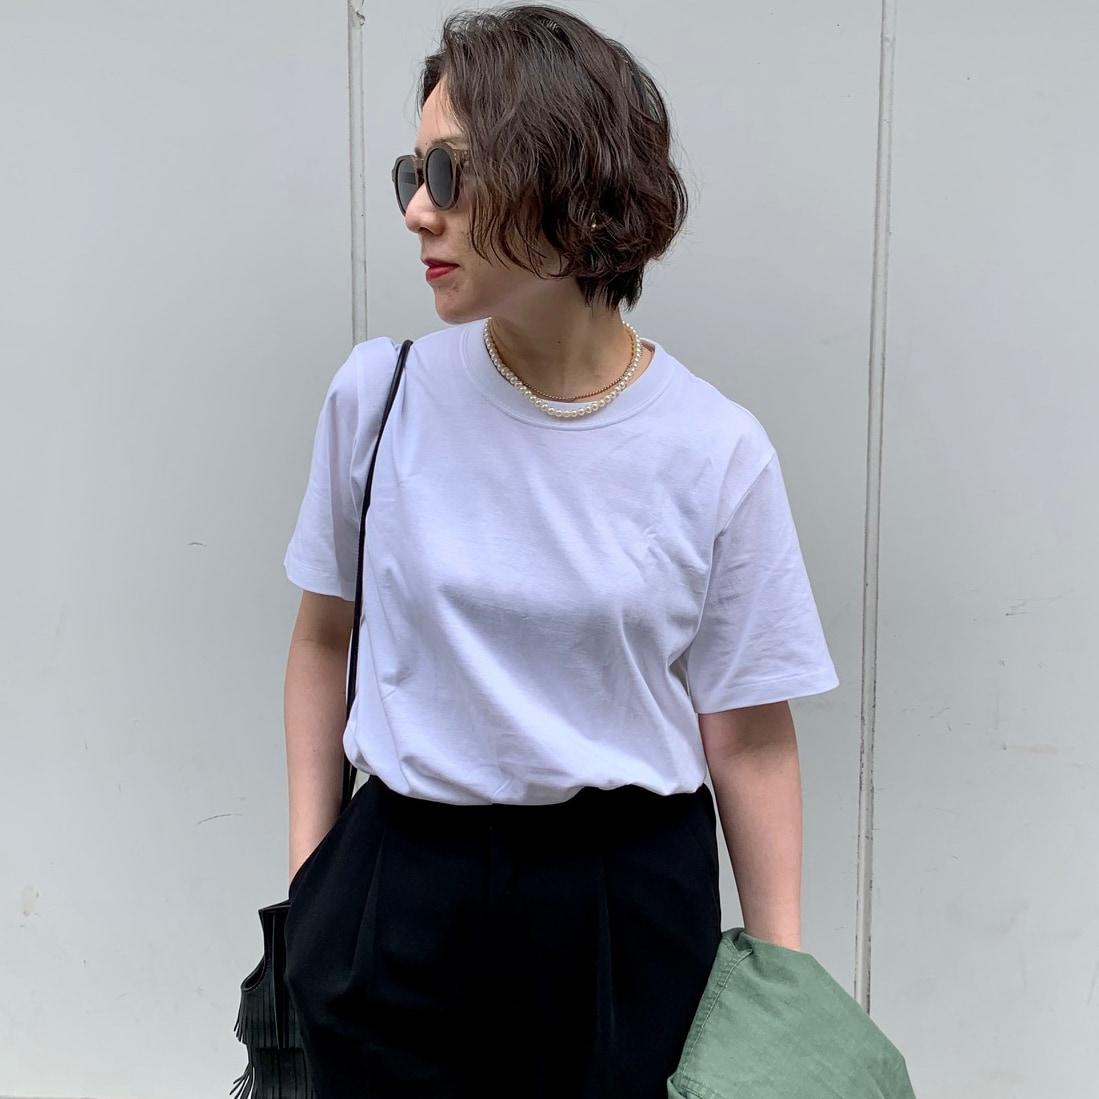 【白Tシャツ】体型カバーを叶える、今年らしい1枚は?